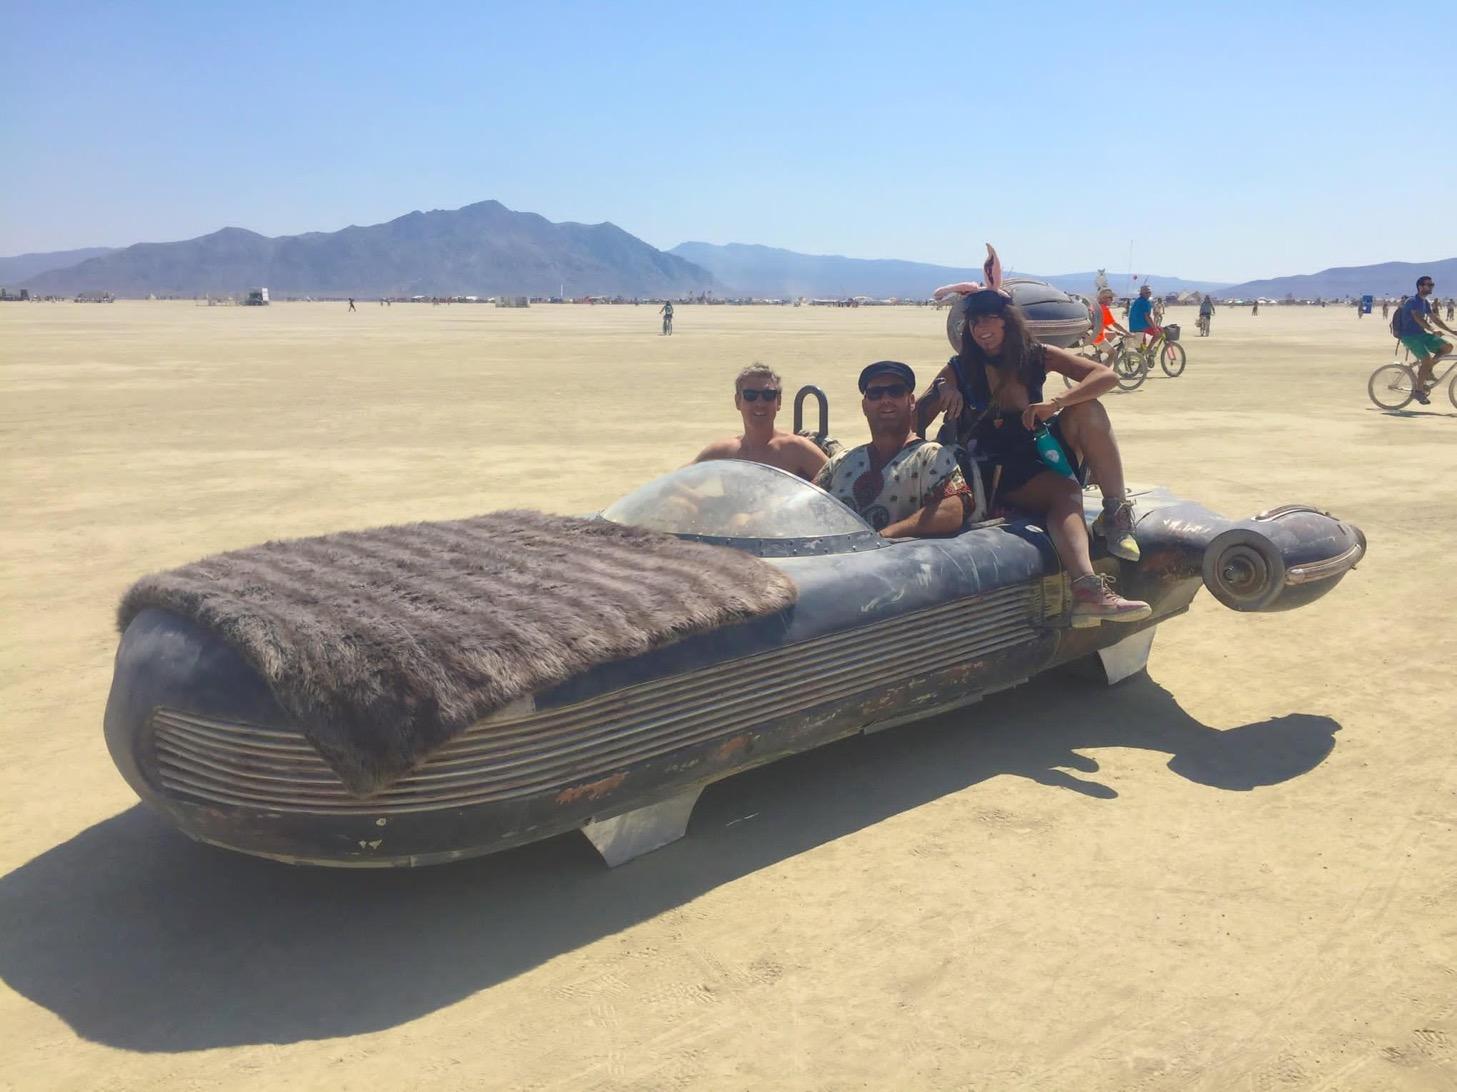 Burning Man Best Festivals in the World